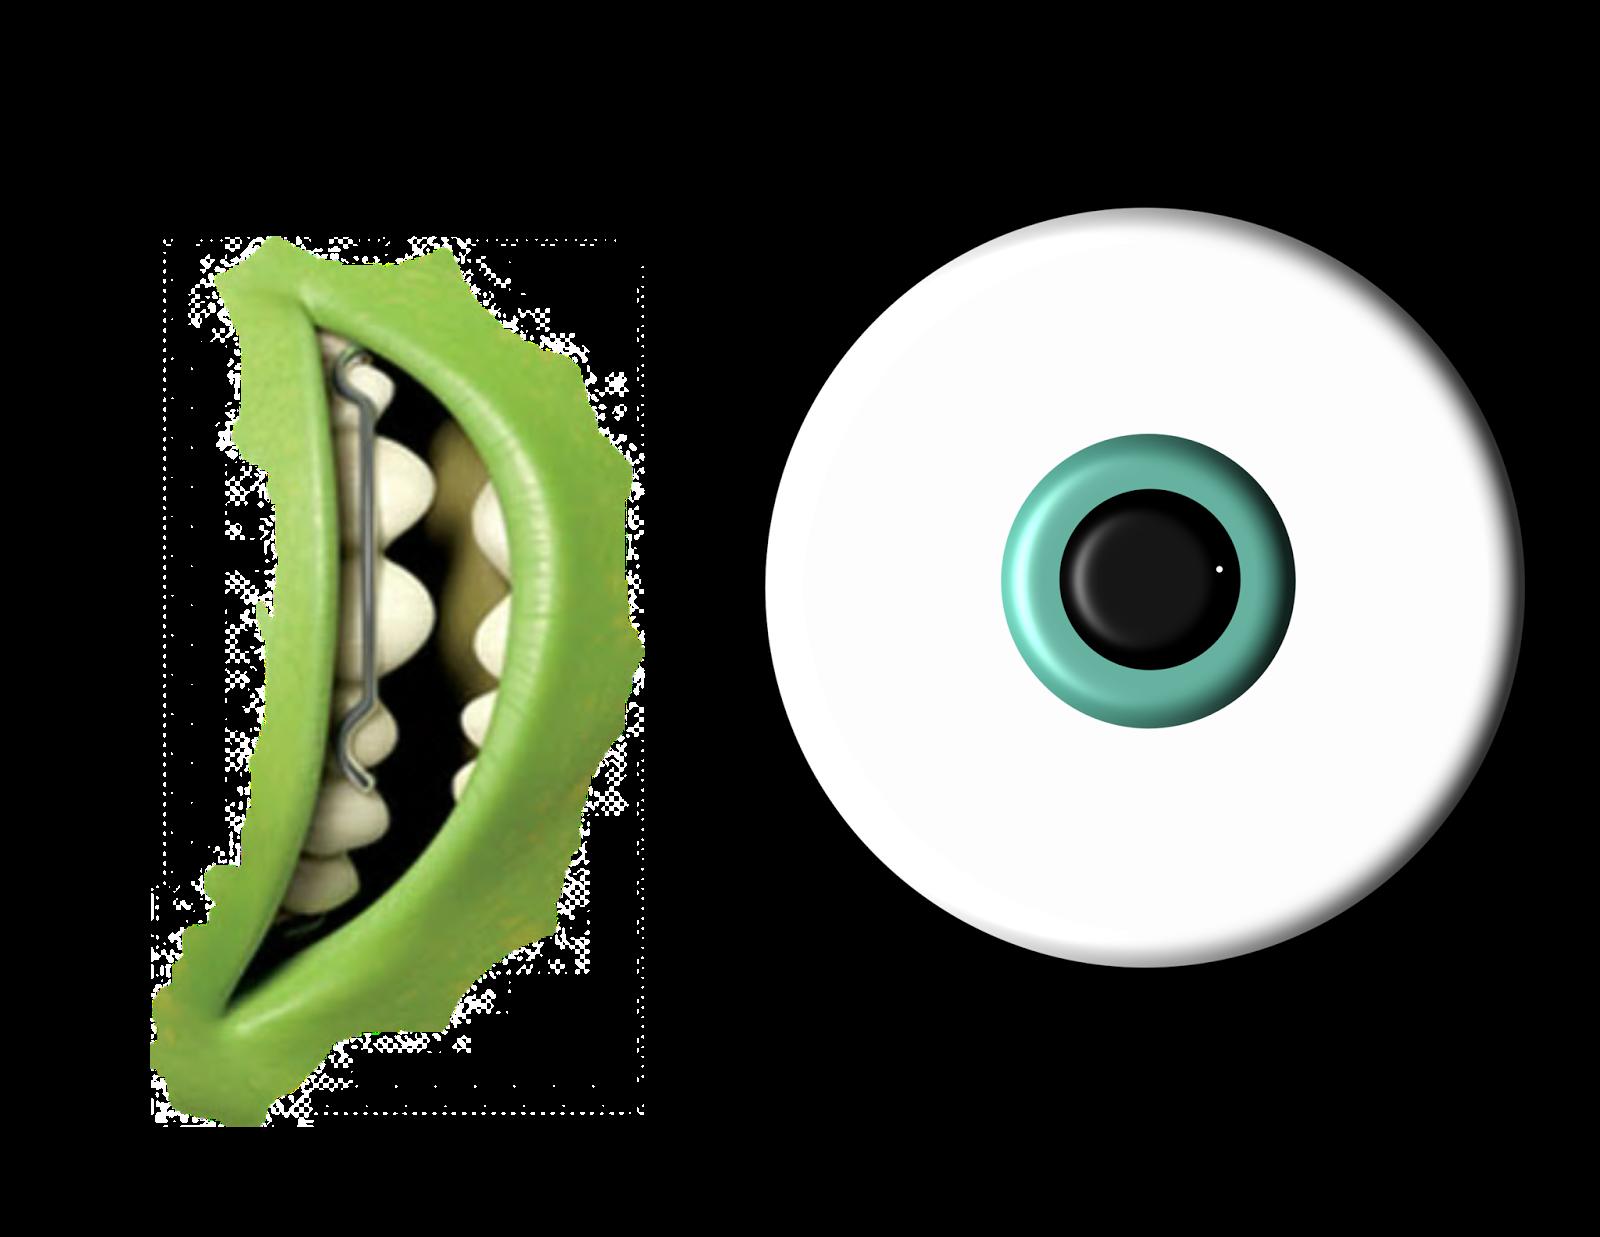 dibujos de un ojo de monster inc - Buscar con Google